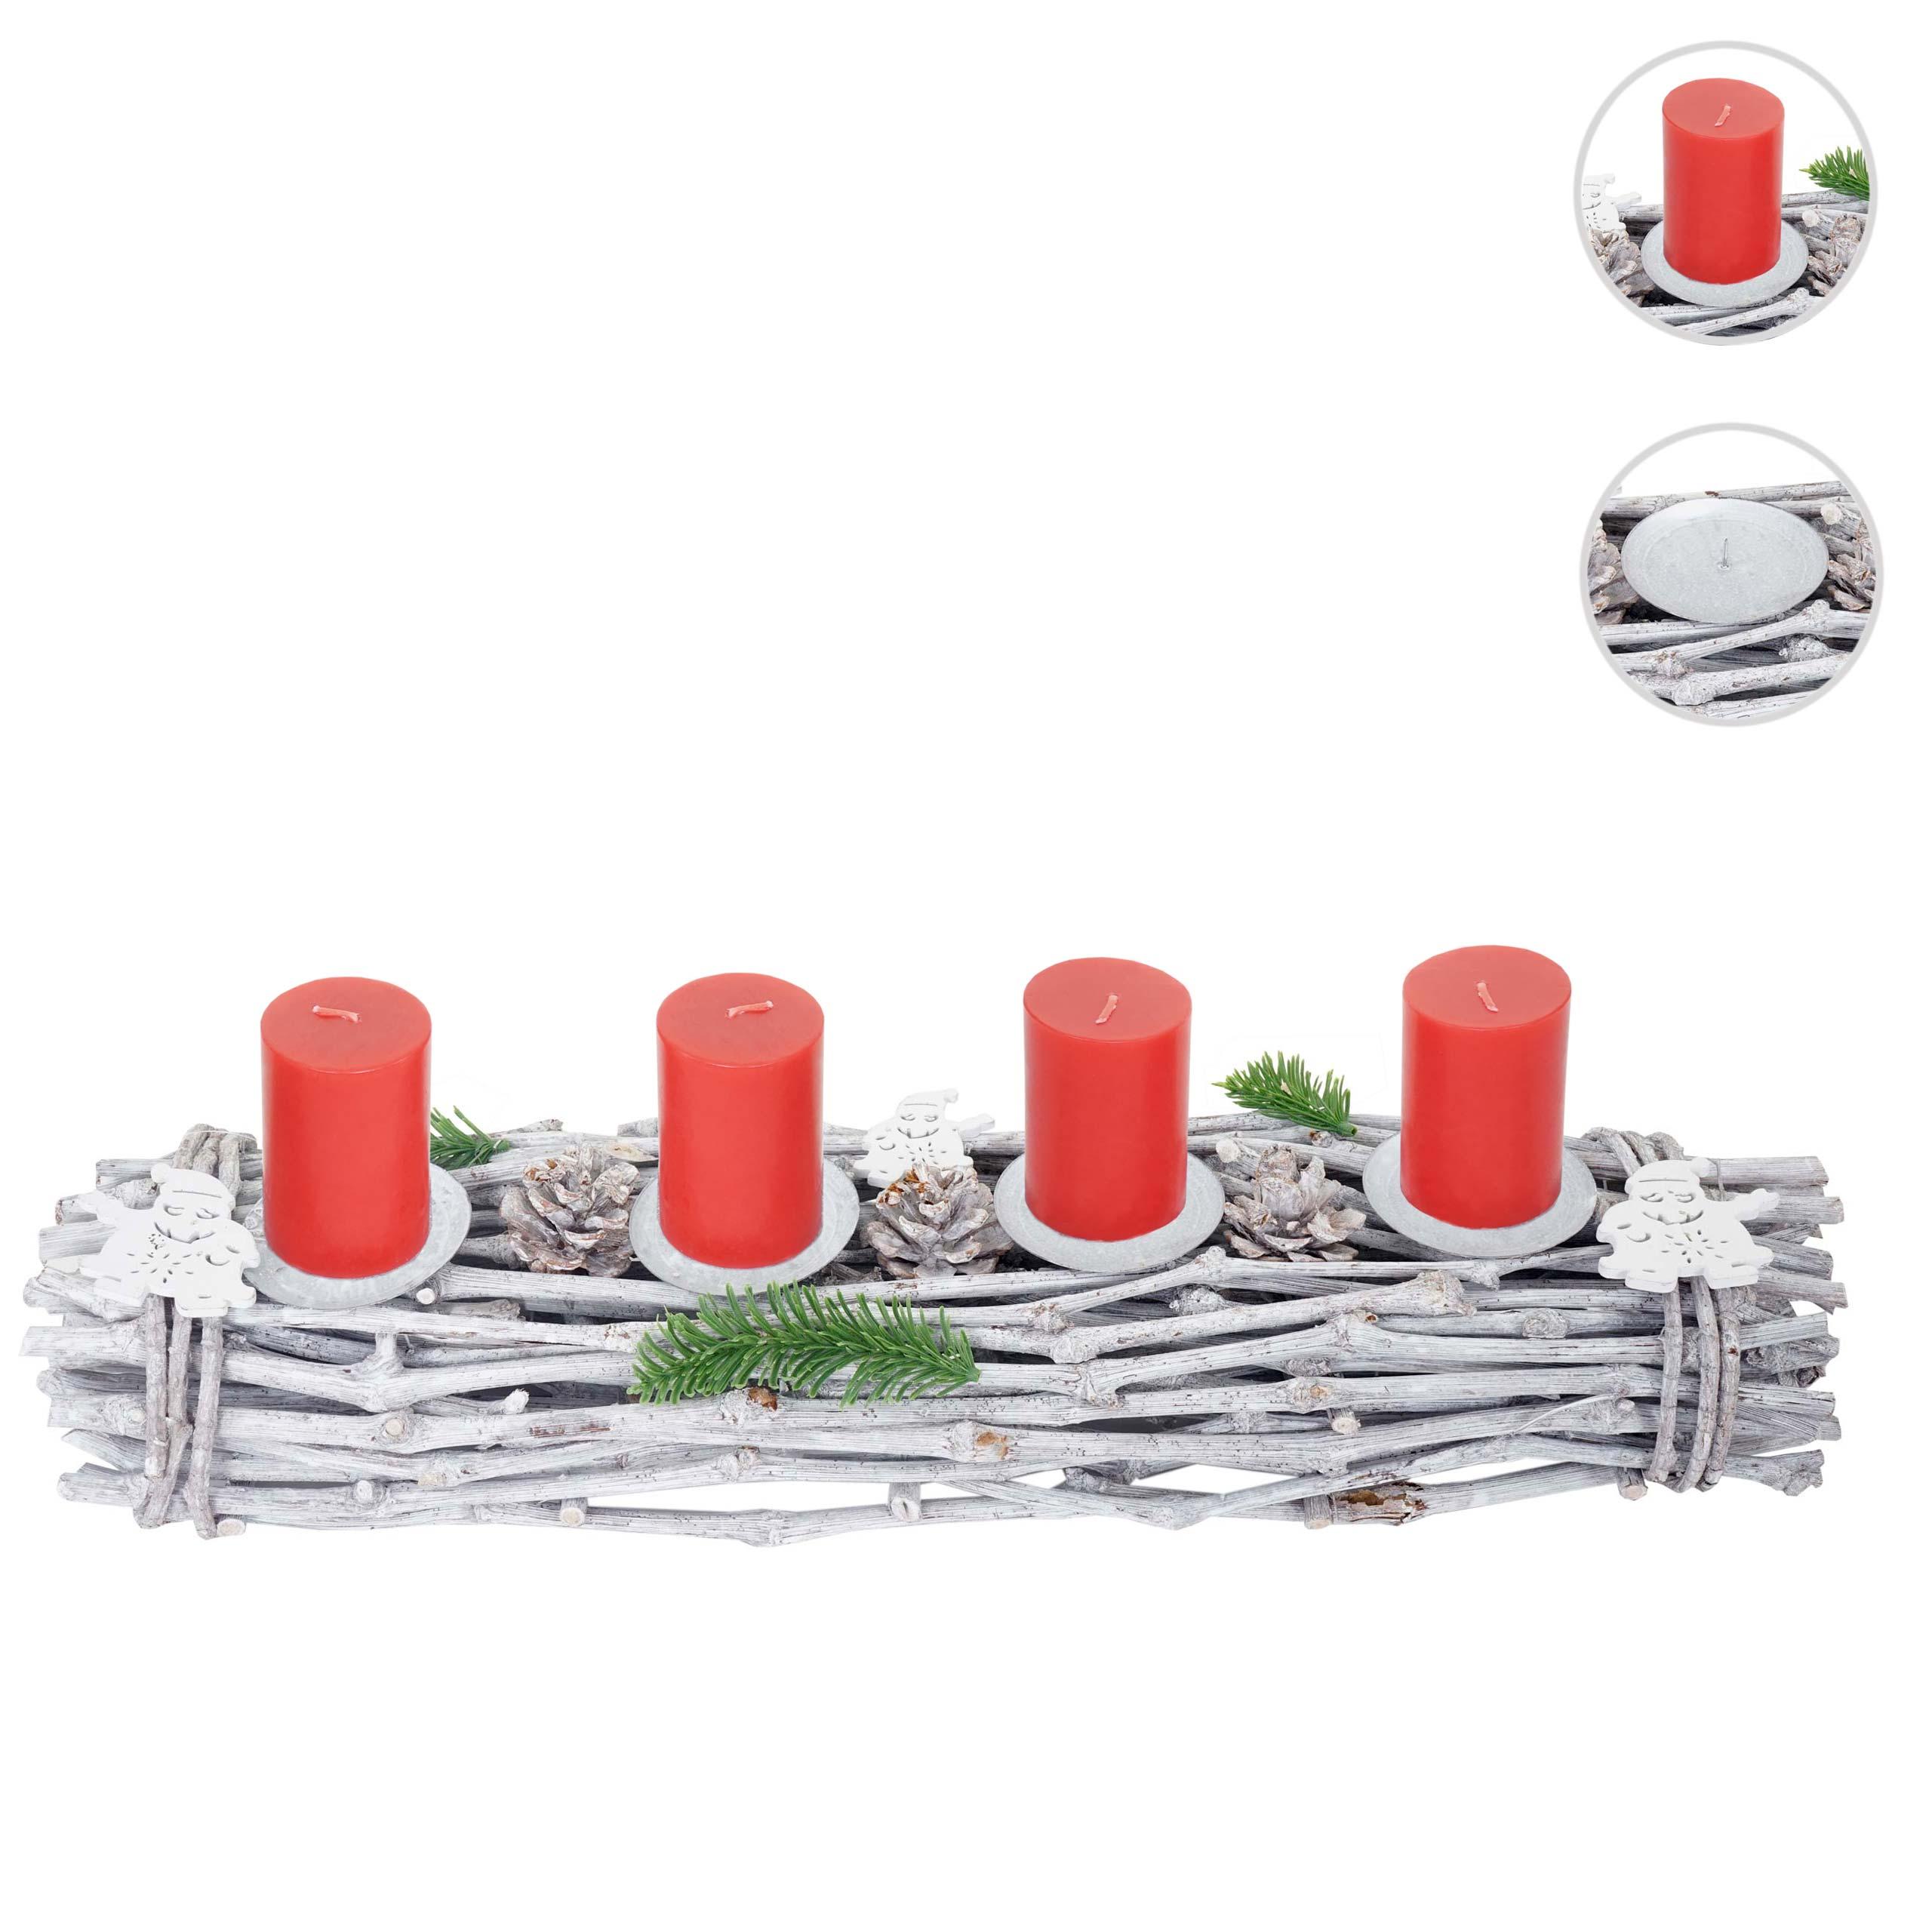 Mendler Adventskranz länglich, Weihnachtsdeko Adventsgesteck, Holz 60x16x9cm weiß-grau ~ Variantenangebot 51909